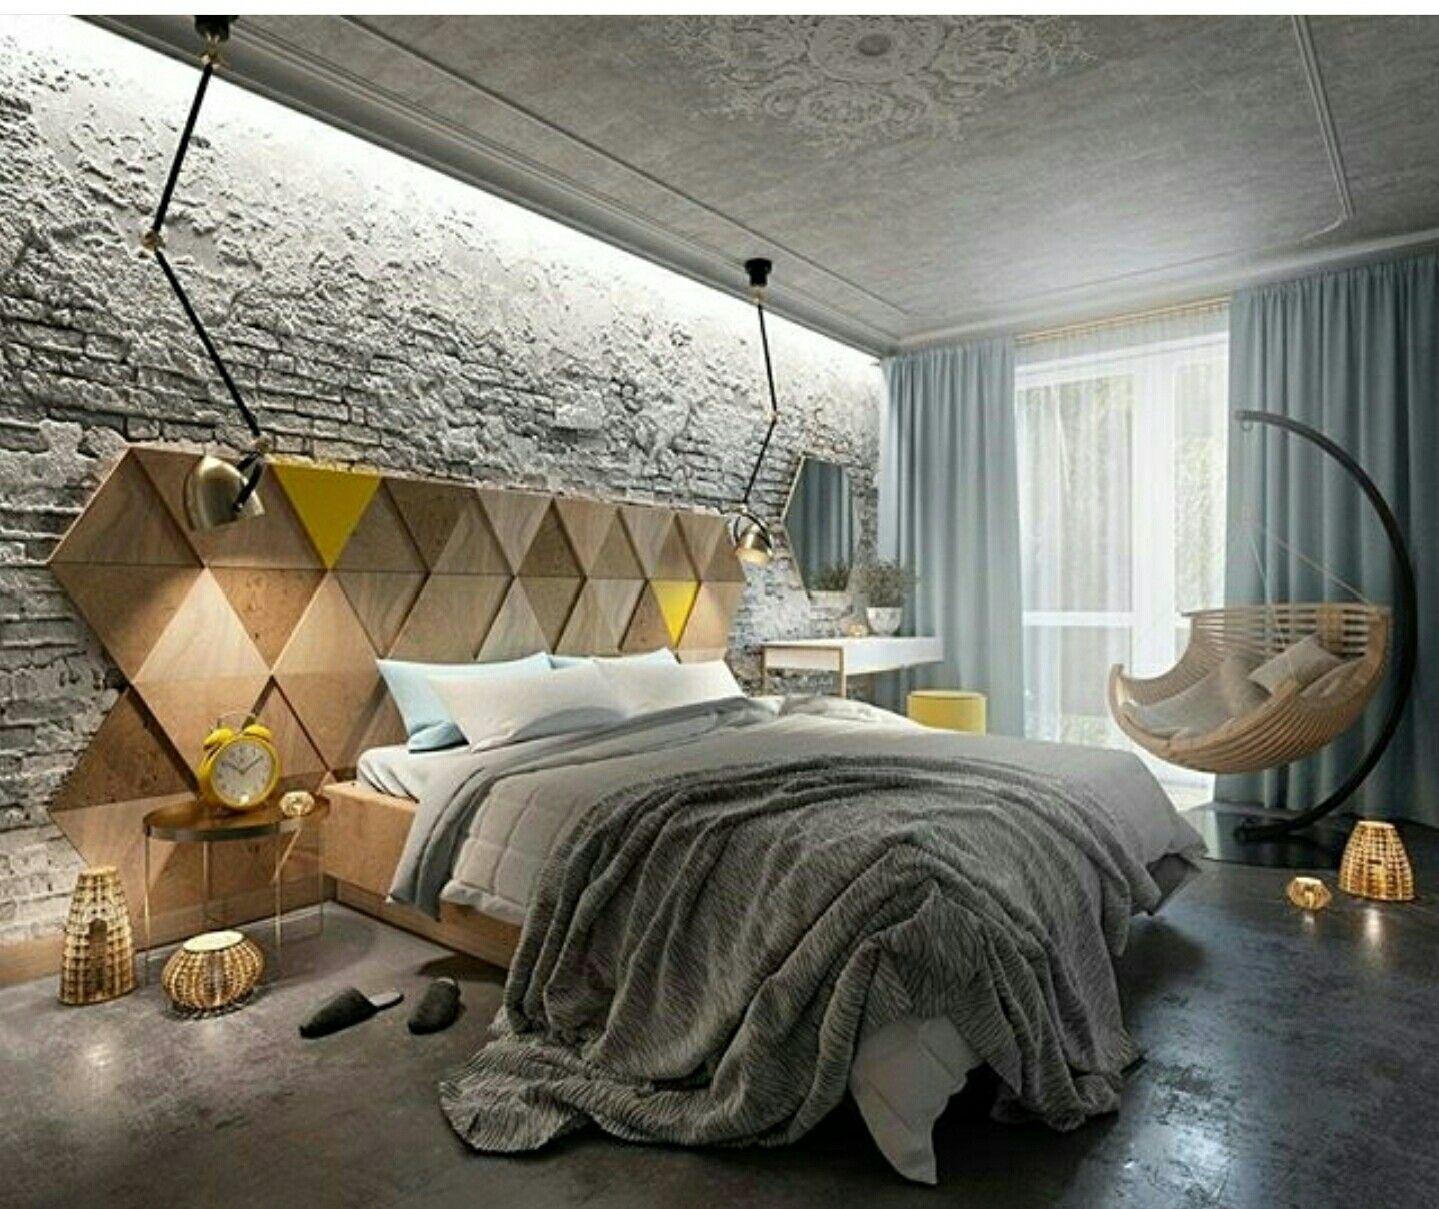 Pin de gayatri babbar en bedrooms pinterest dormitorio for Decoracion habitaciones principales